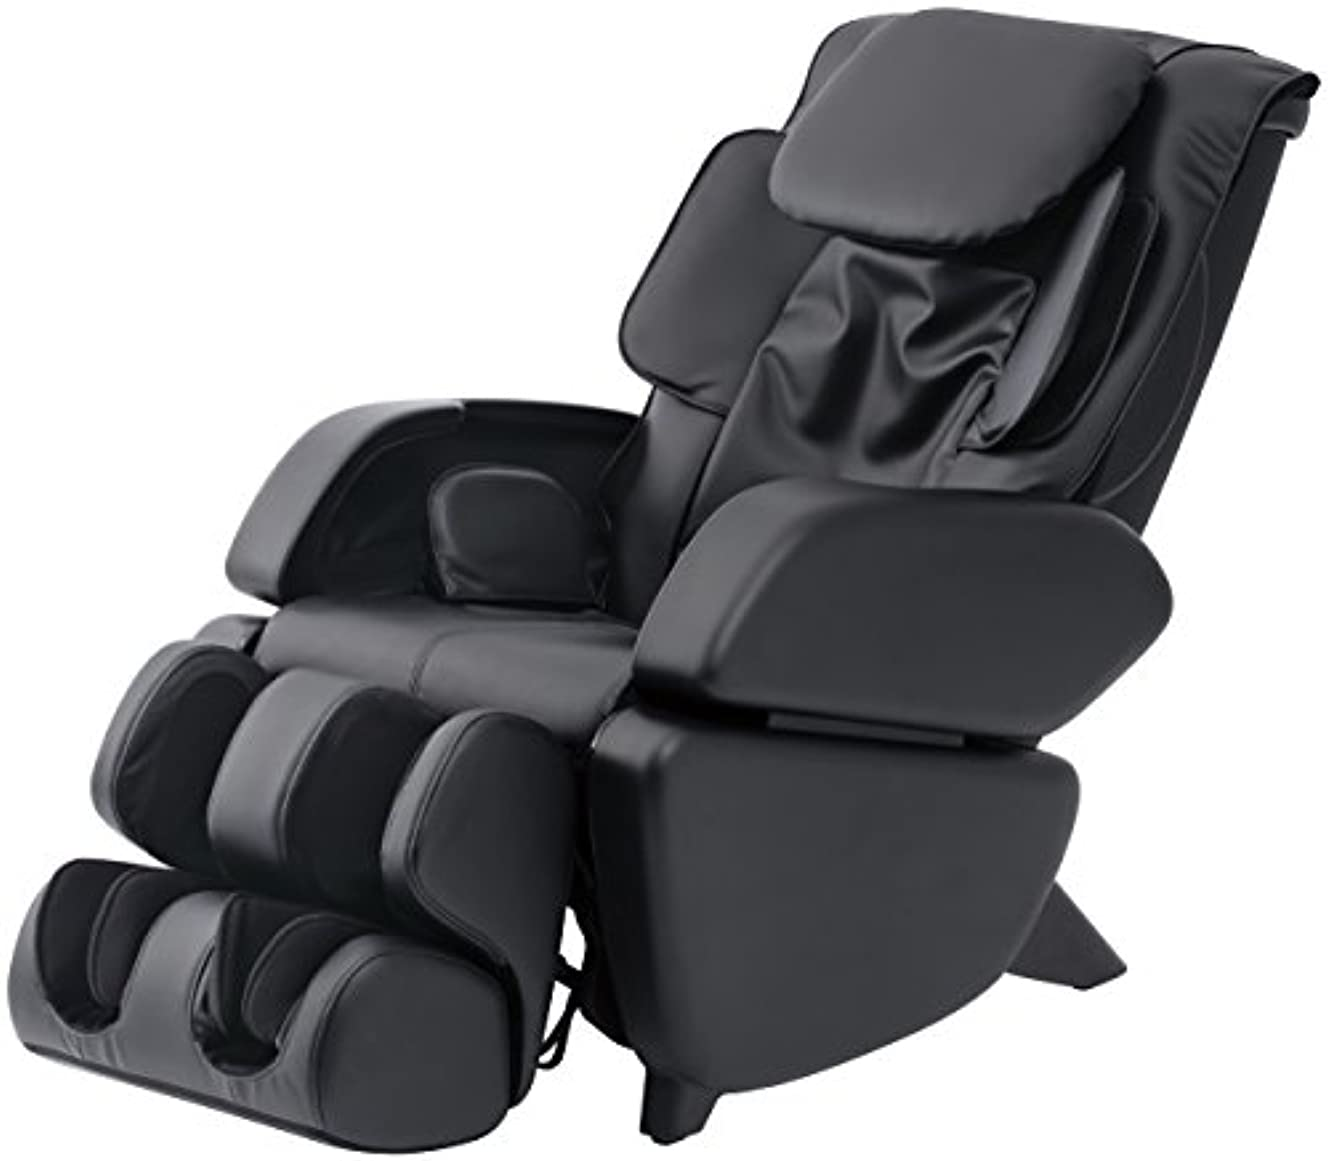 誰でもご予約凝視スライヴ マッサージチェア くつろぎ指定席 「つかみもみ機能搭載」 ブラック CHD-9006(K)